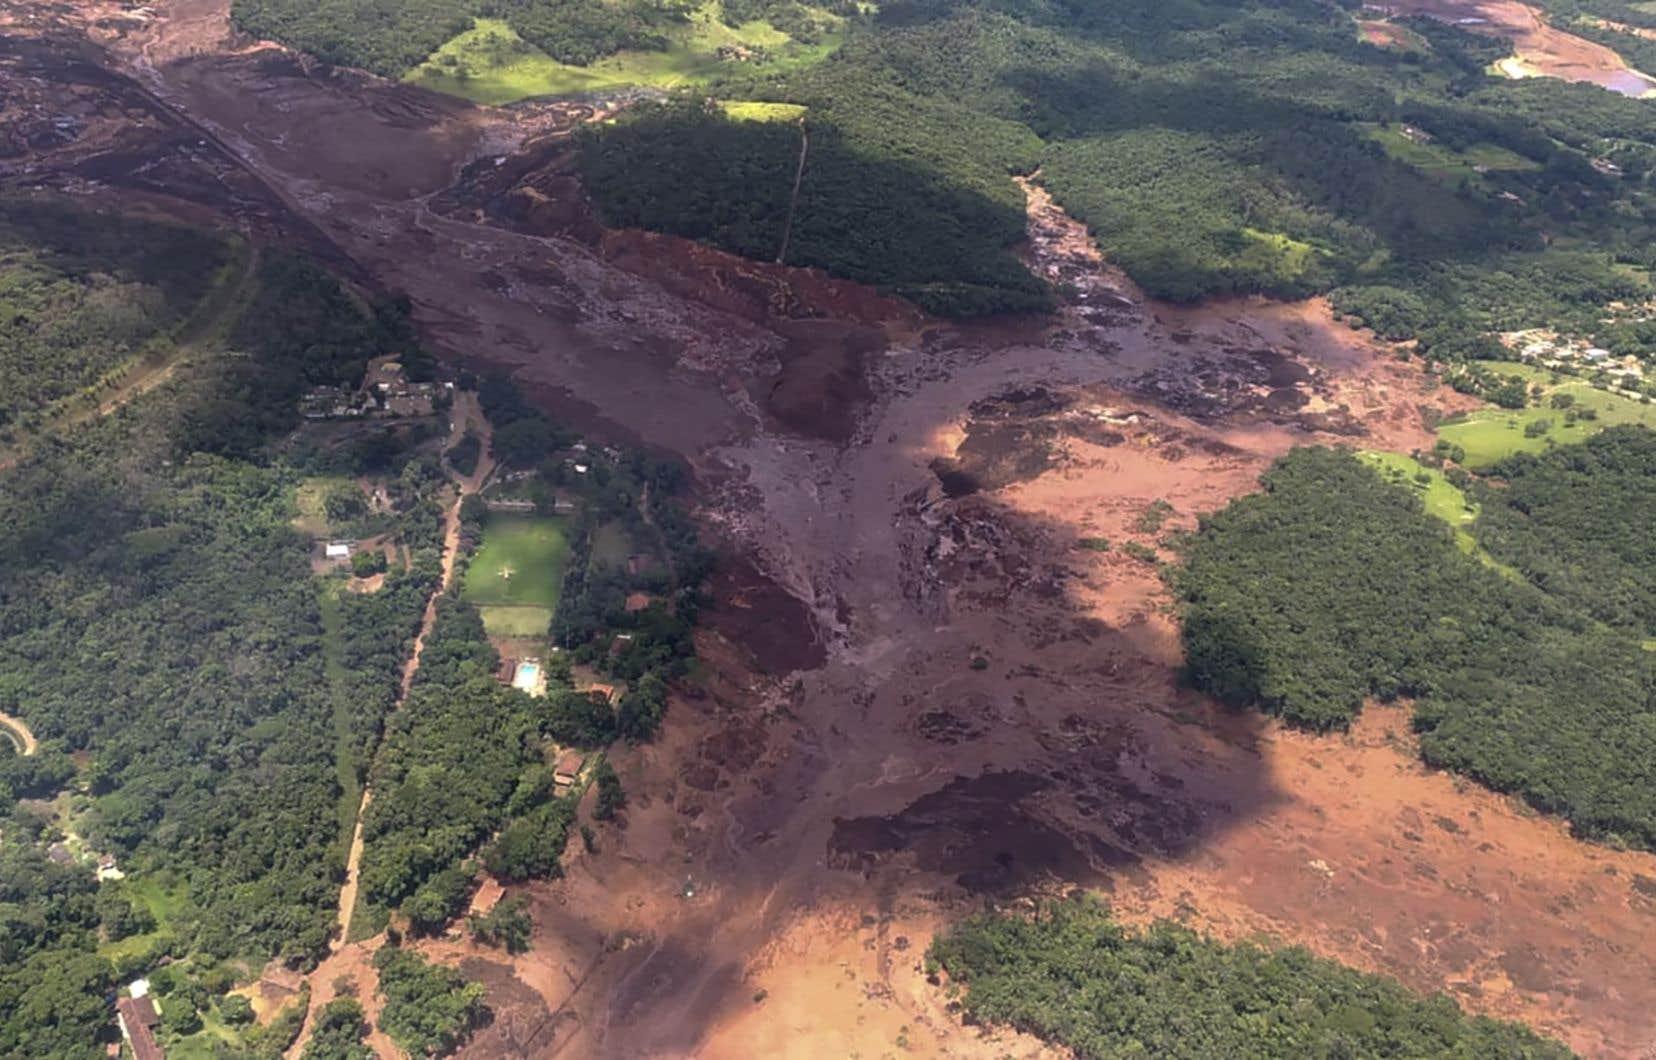 <p>Des images aériennes impressionnantes diffusées par les pompiers montrent une véritable marée de boue de couleur marron aux reflets grisâtres recouvrant d'immenses surfaces de végétation.</p>